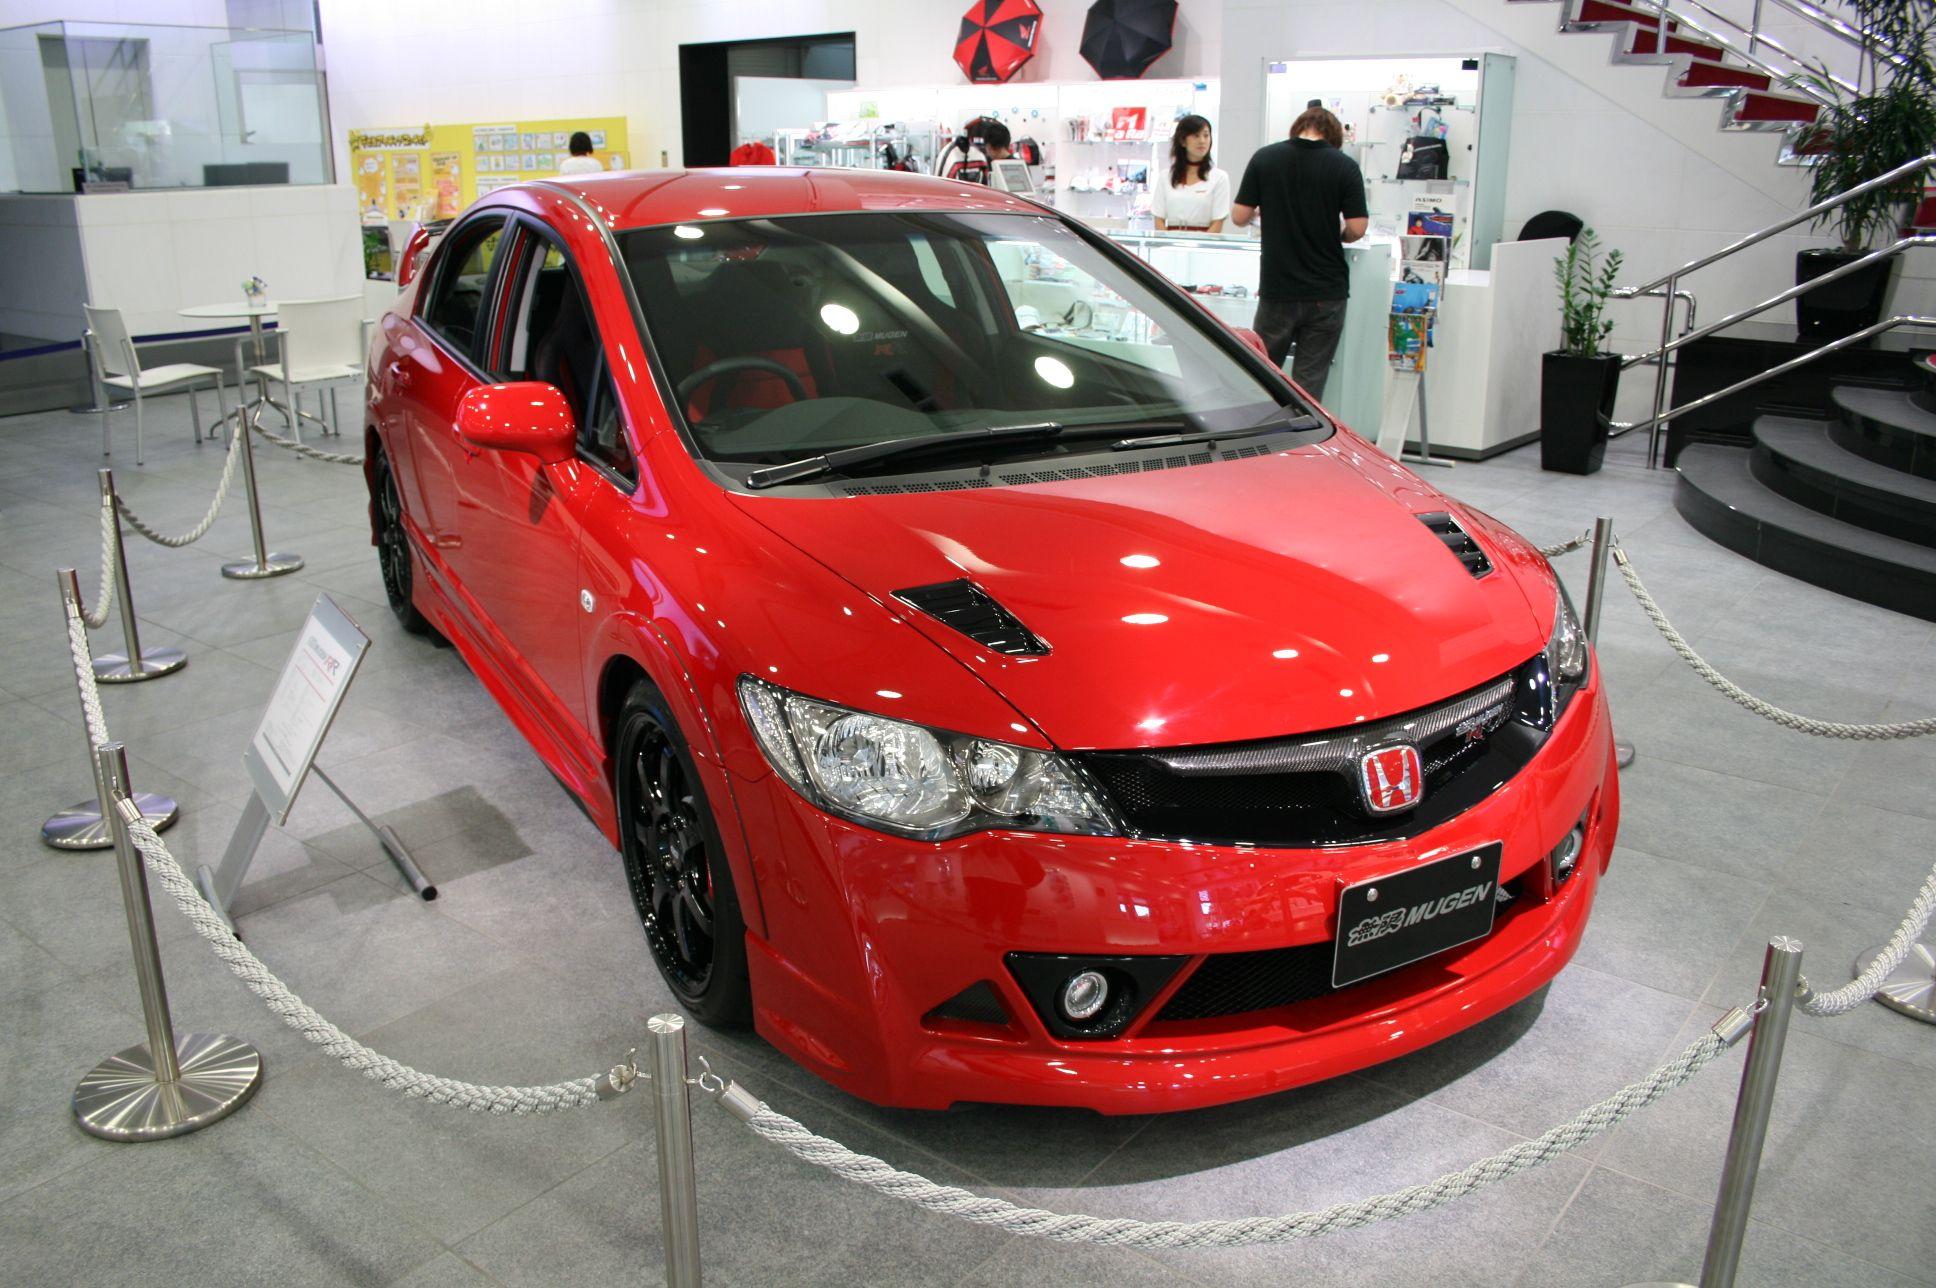 Honda Civic Mugen Rr Honda Civic Type R Honda Civic Honda Civic Si Hatchback